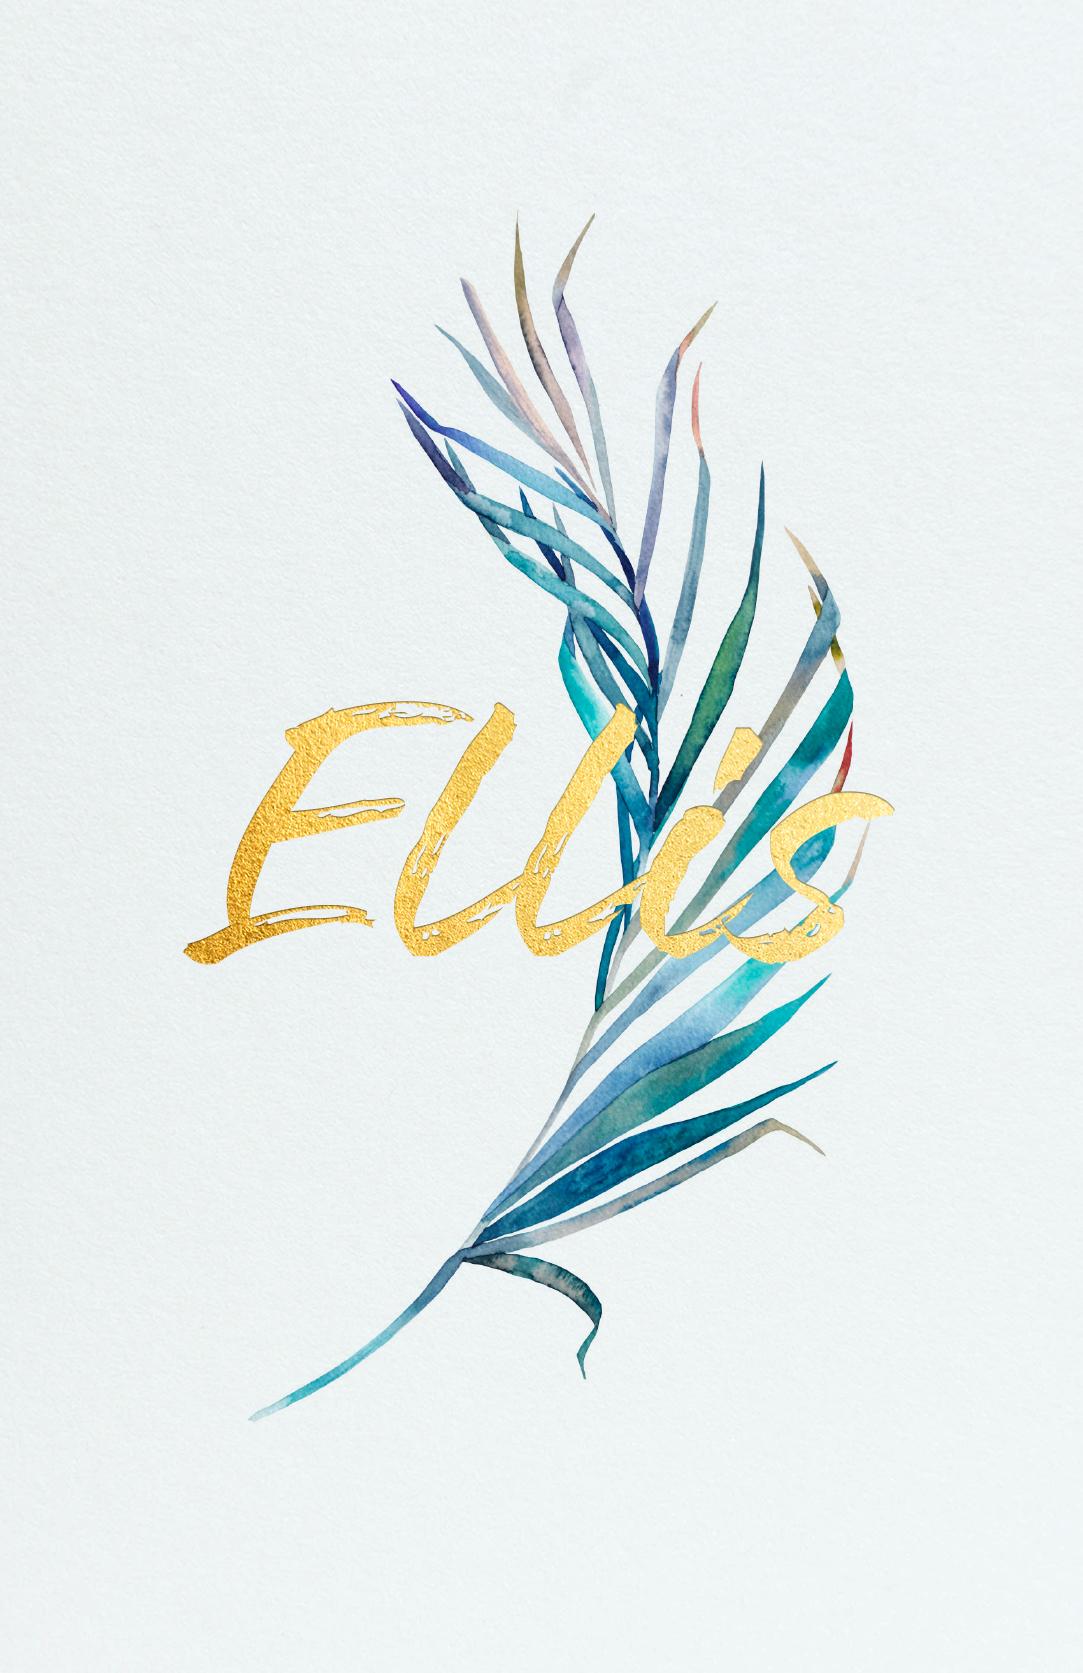 Geboortekaart Lichtblauw Veer Meerkleurig Goudfolie Mat Artistiek Trendy